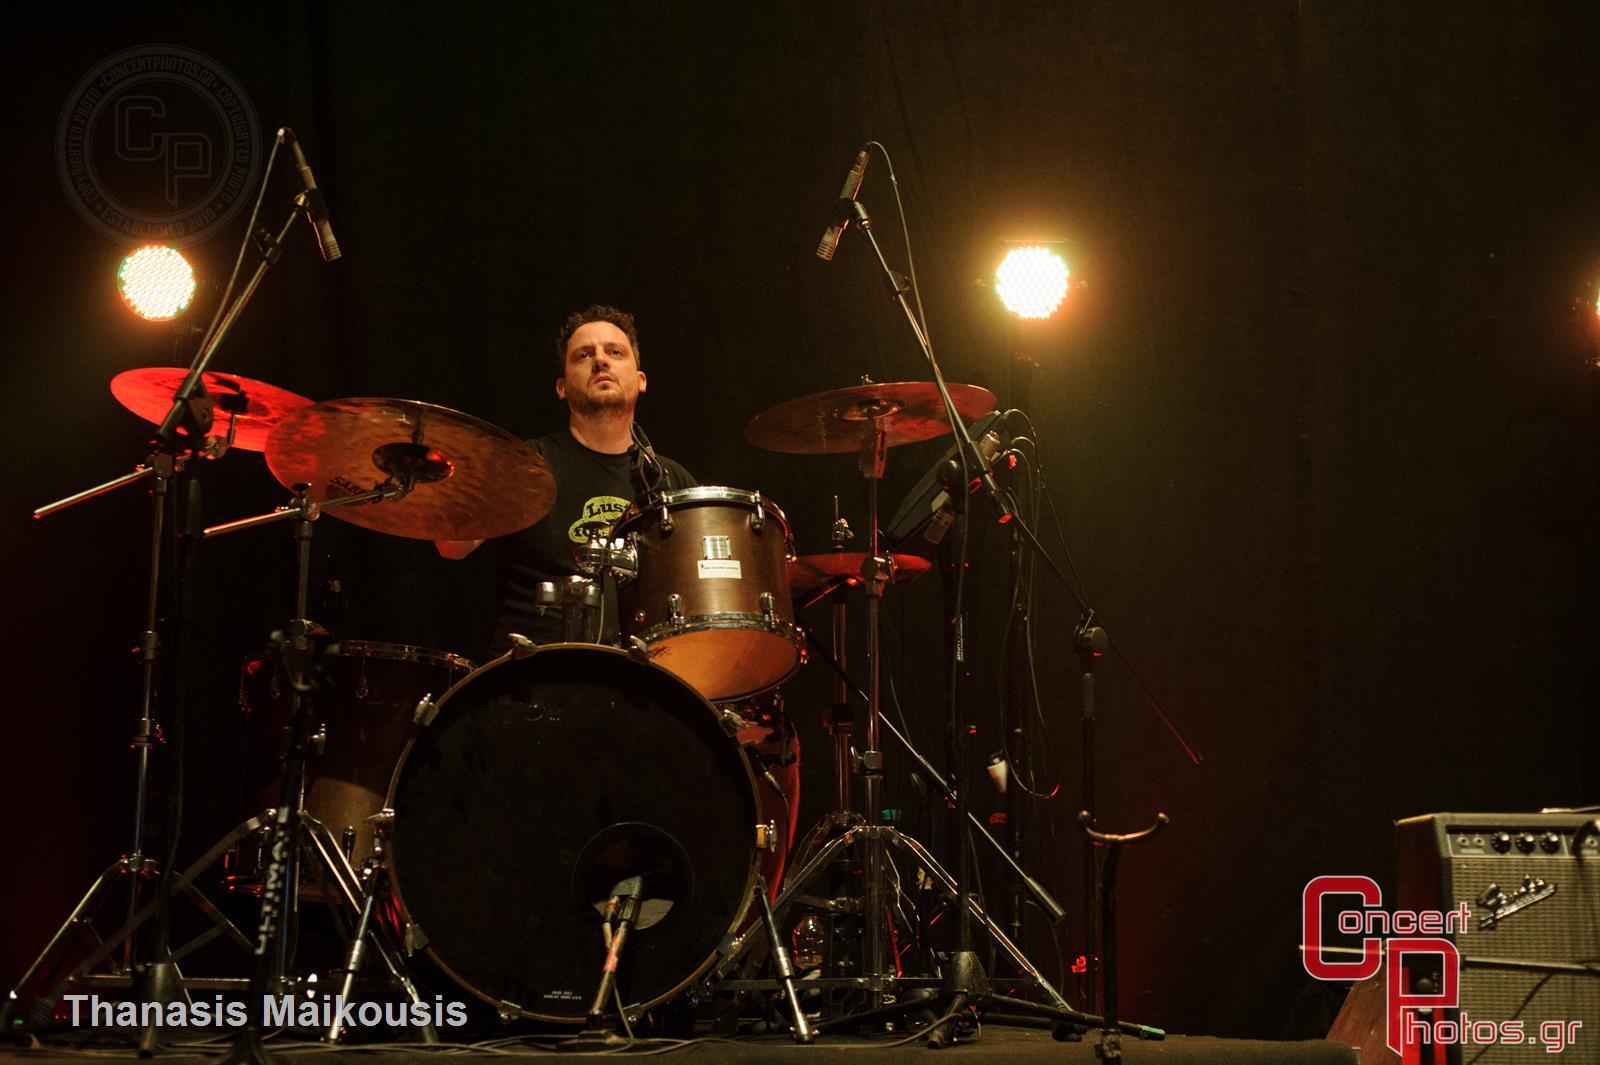 Παύλος Παυλίδης-Pavlidis-stage-volume1 photographer: Thanasis Maikousis - concertphotos_20140611_21_52_15